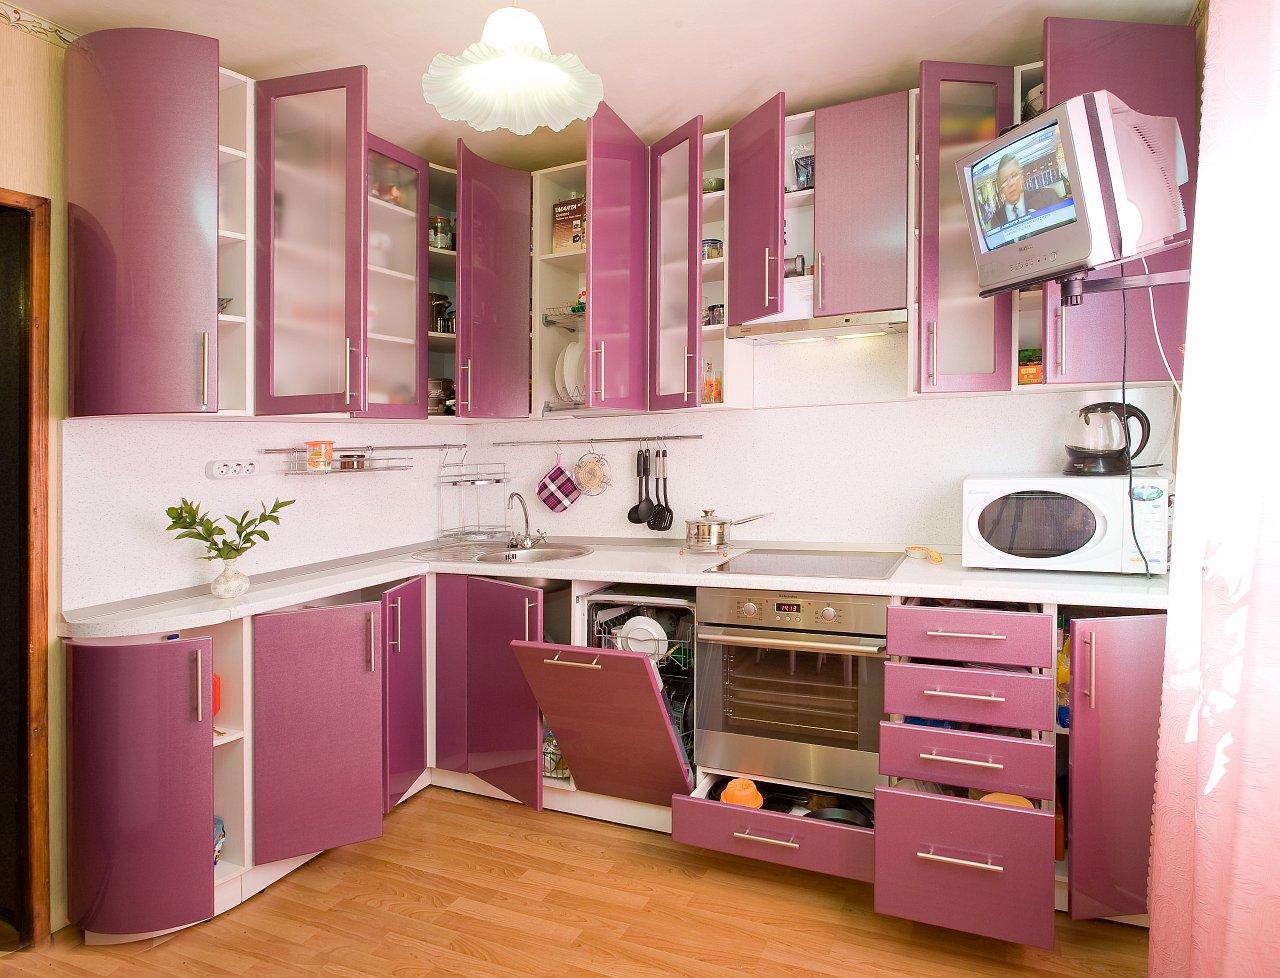 Какие обои подойдут для фиолетовой кухни?